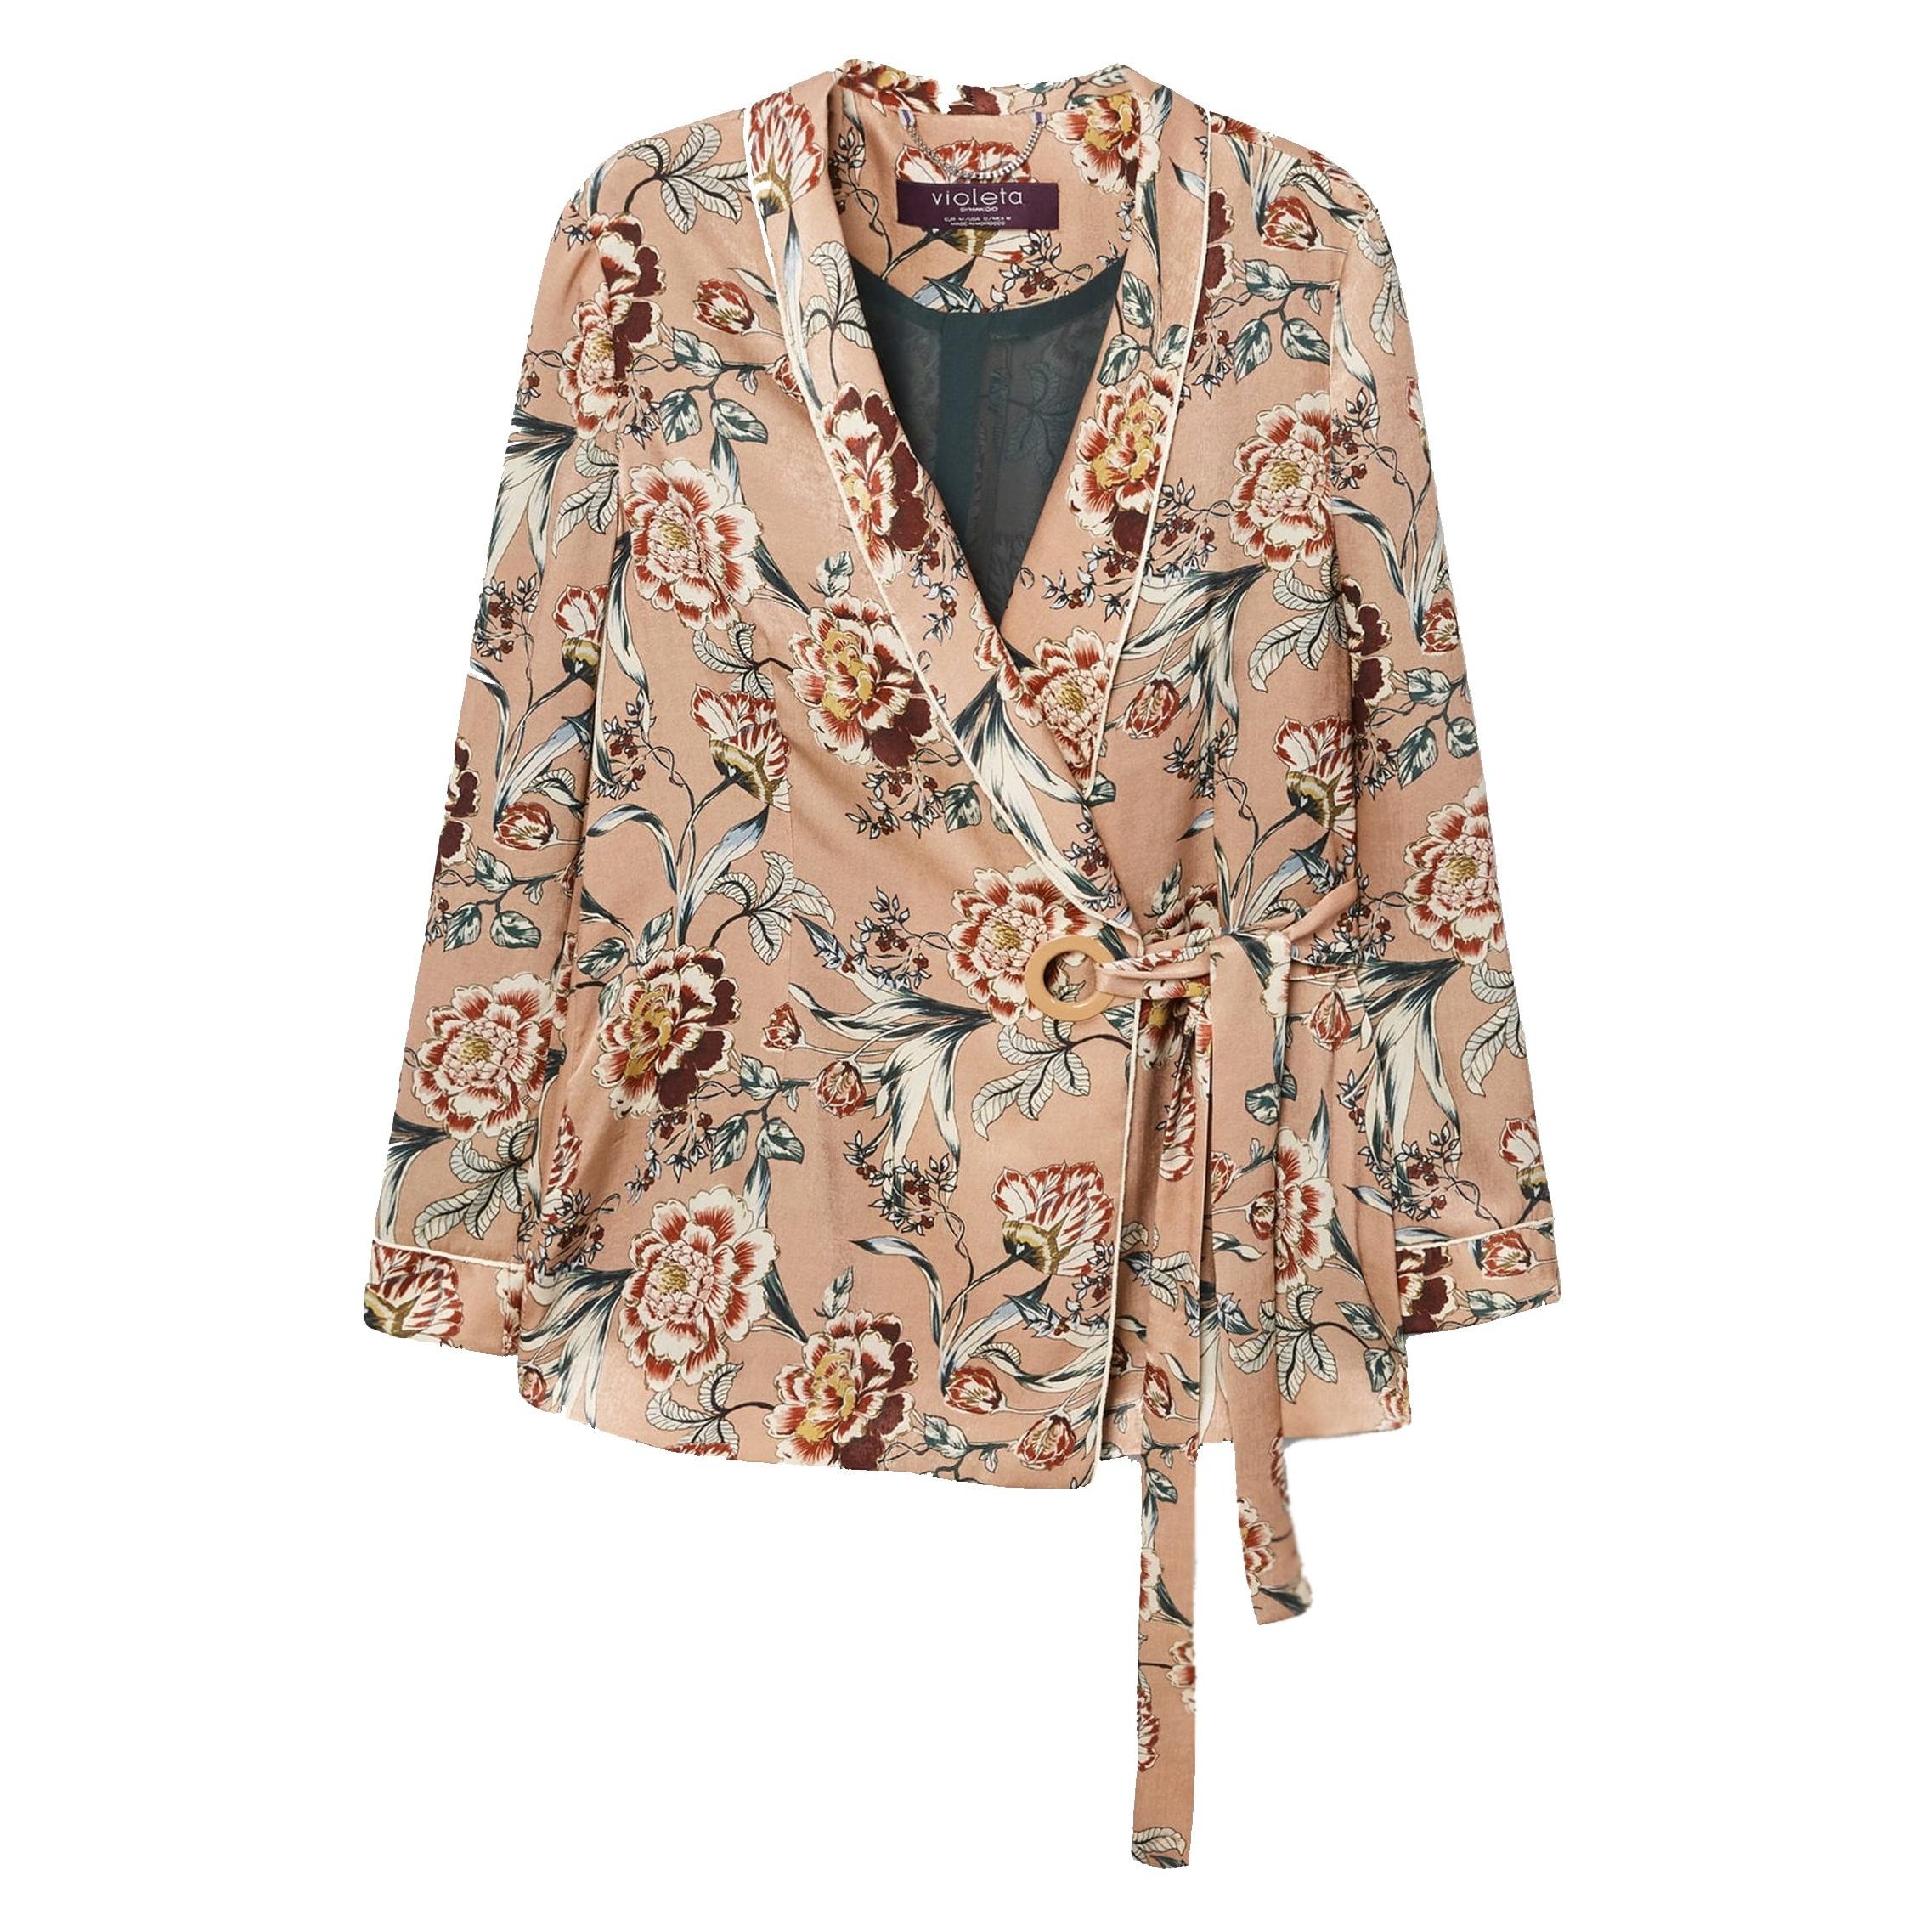 خرید                                     کت کوتاه زنانه - ویولتا بای مانگو